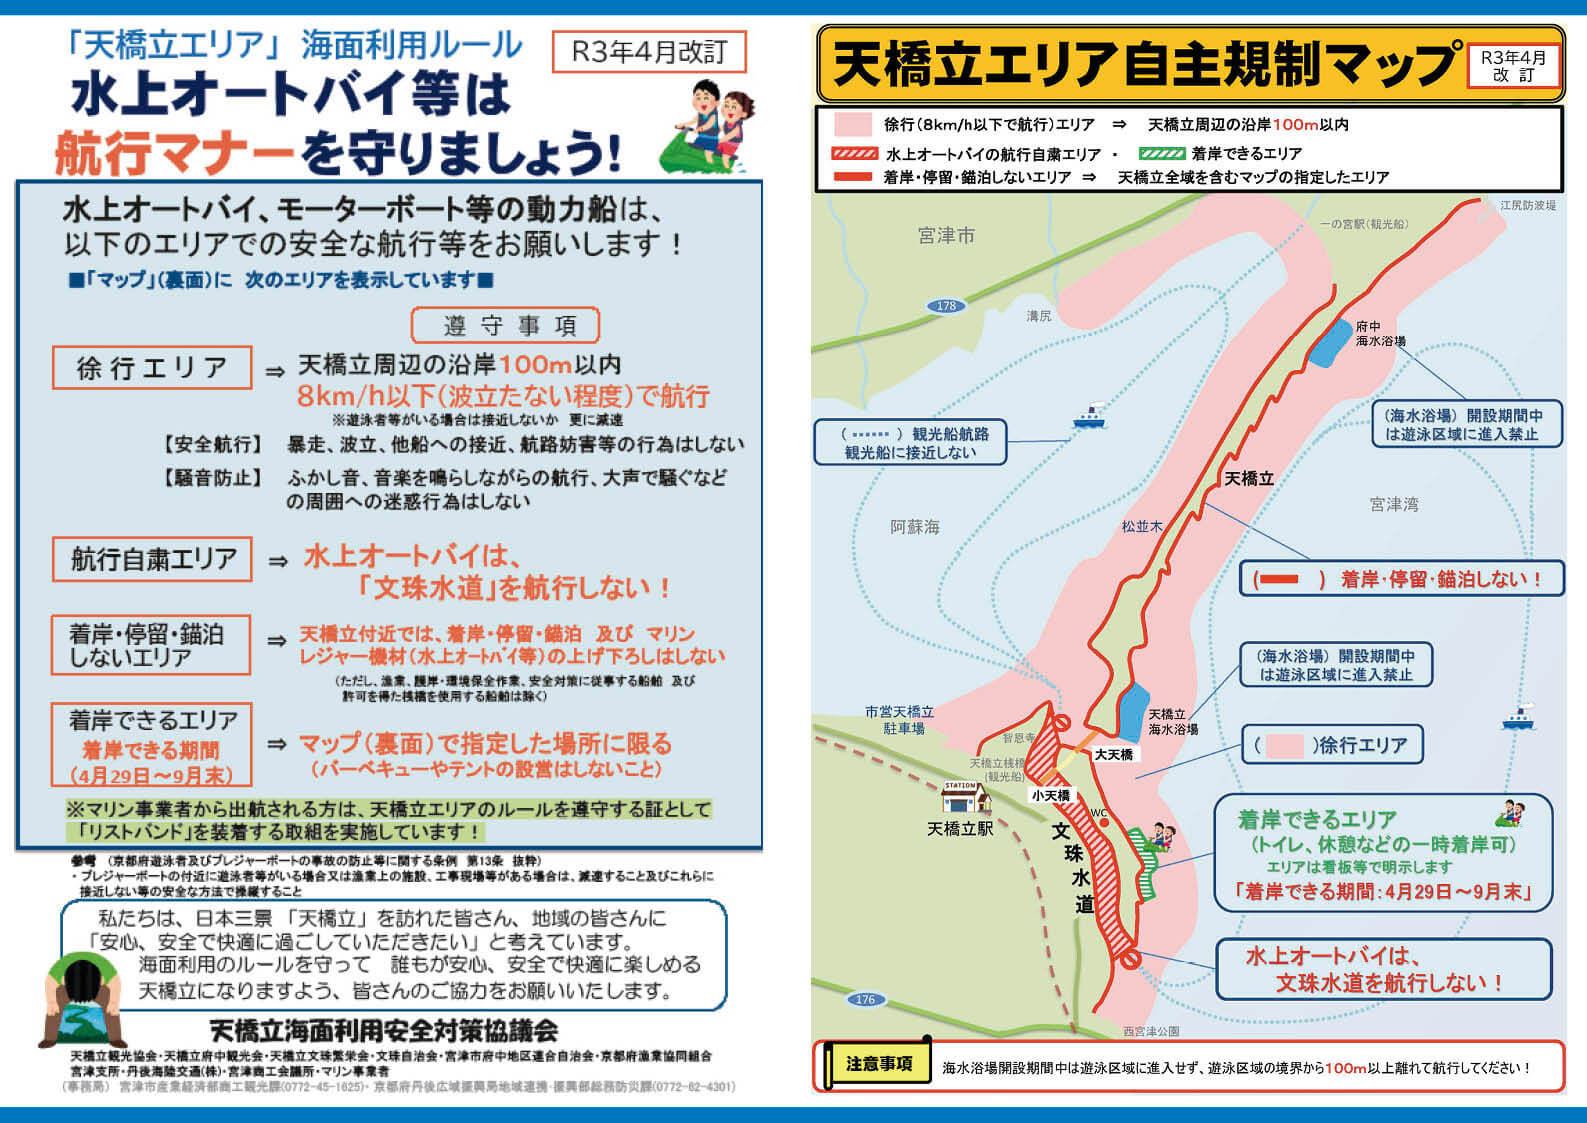 またひとつ優良ゲレンデが消えた! ジェットスキーの乗り場がなくなる!? 北海道の屈斜路湖で来年度から乗り入れ禁止の方針 ジェットスキー(水上バイク)